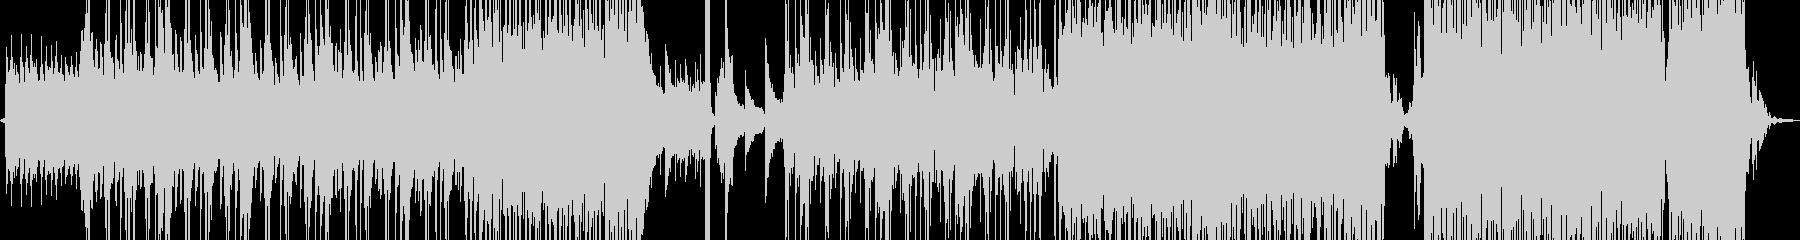 淡々と刻むピアノのR&Bの未再生の波形